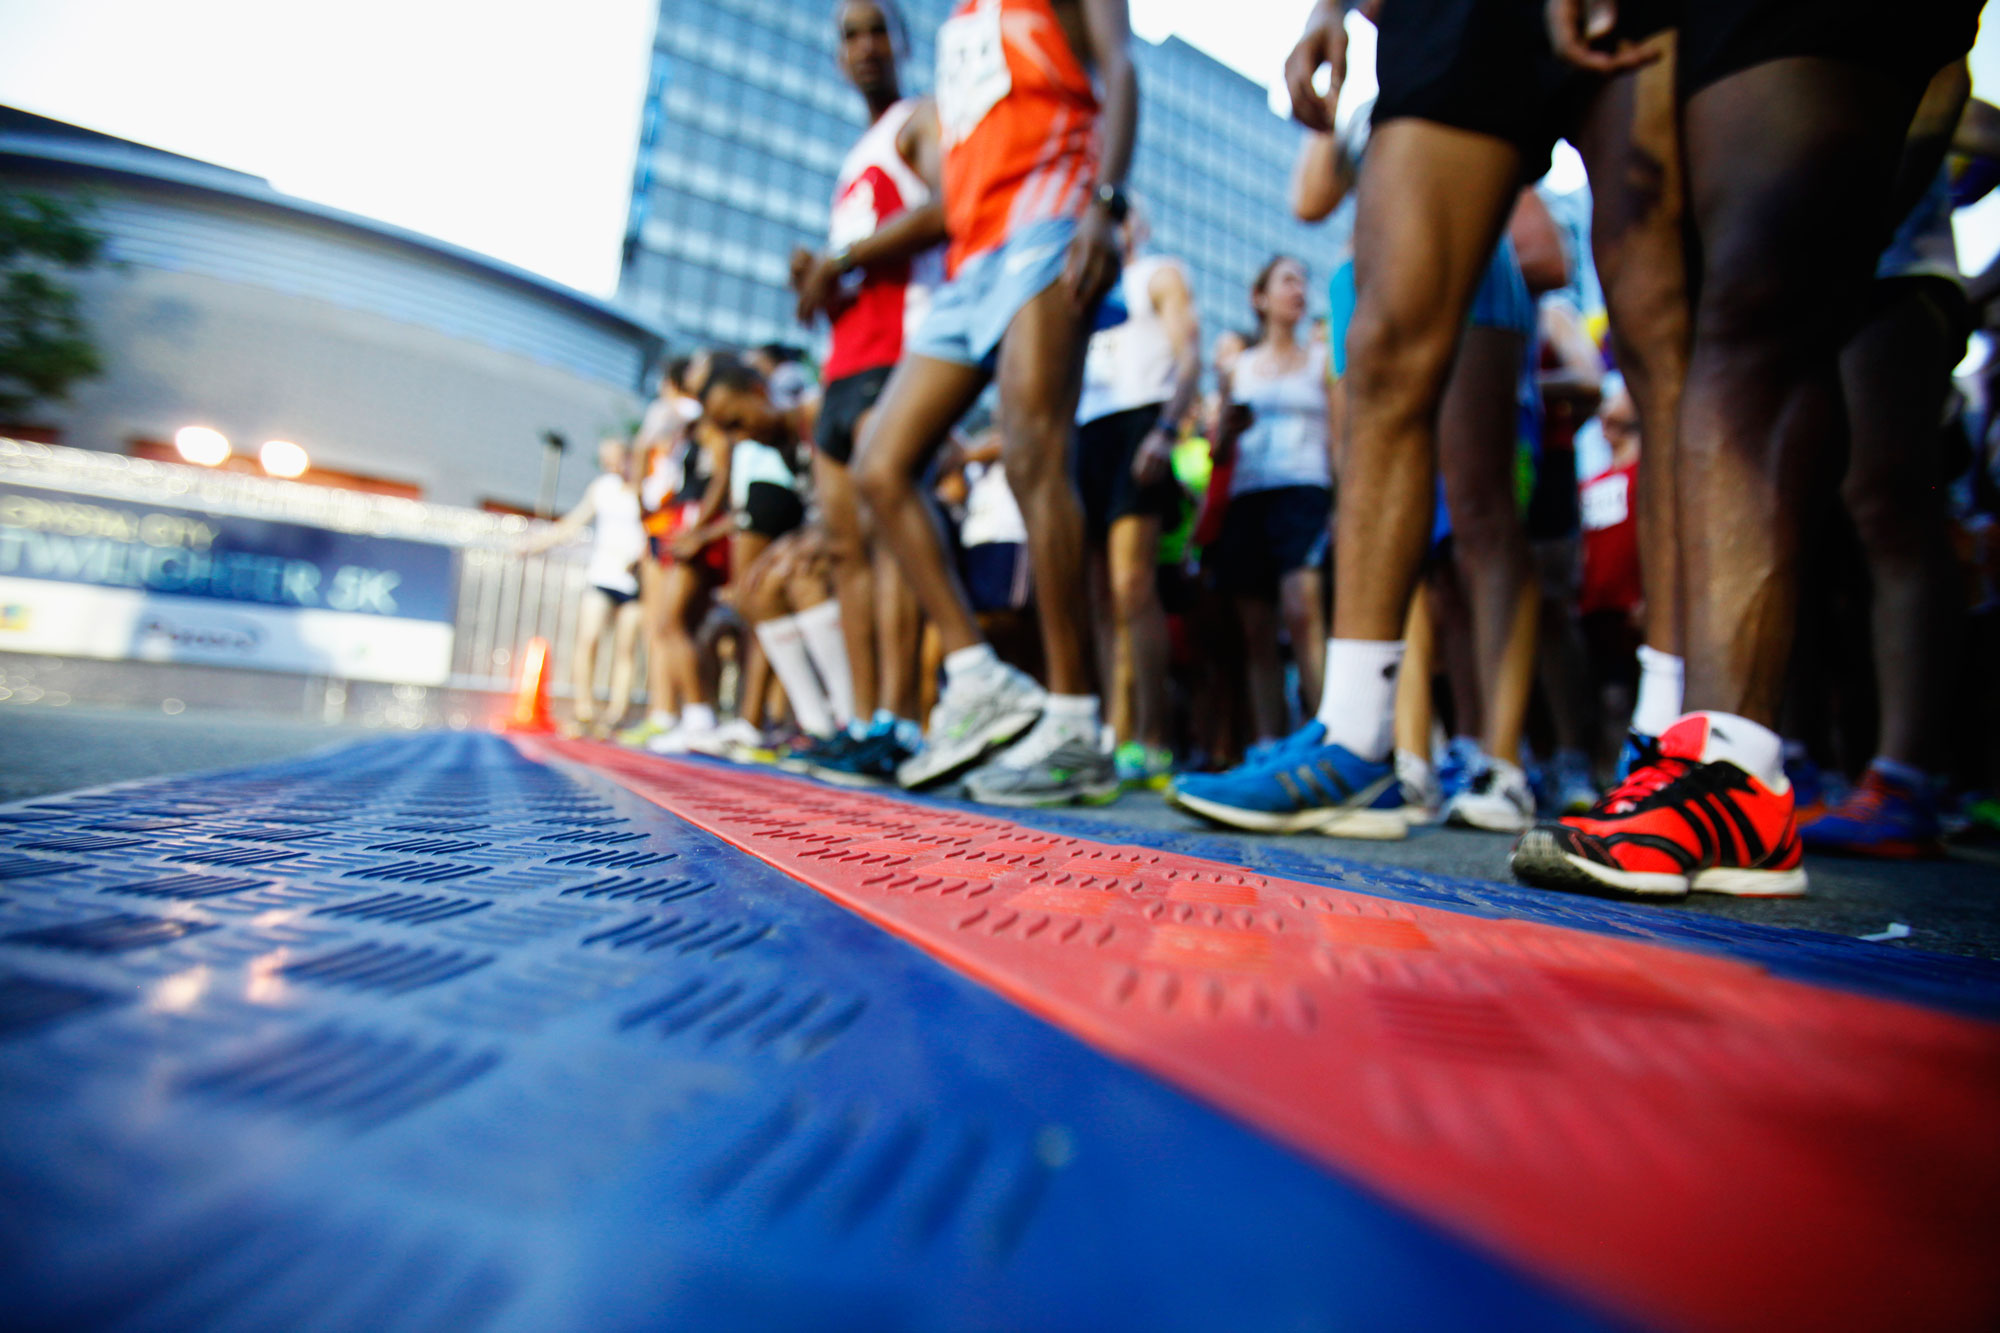 2019廣州馬拉松完賽獎牌亮相 花窗元素展示廣州特色